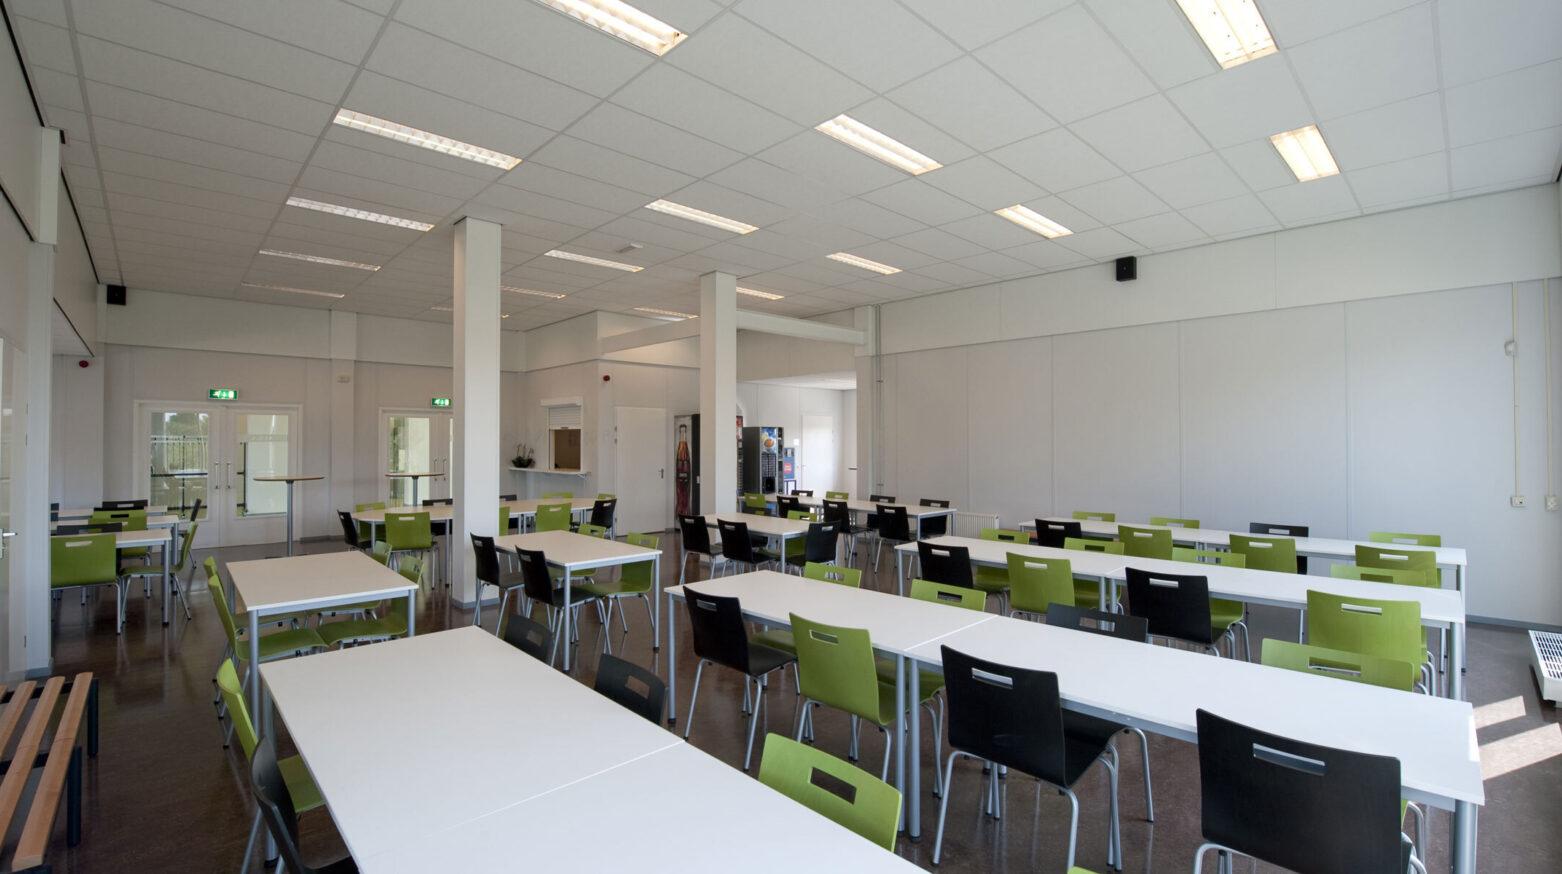 Willem van oranje college waalwijk 04